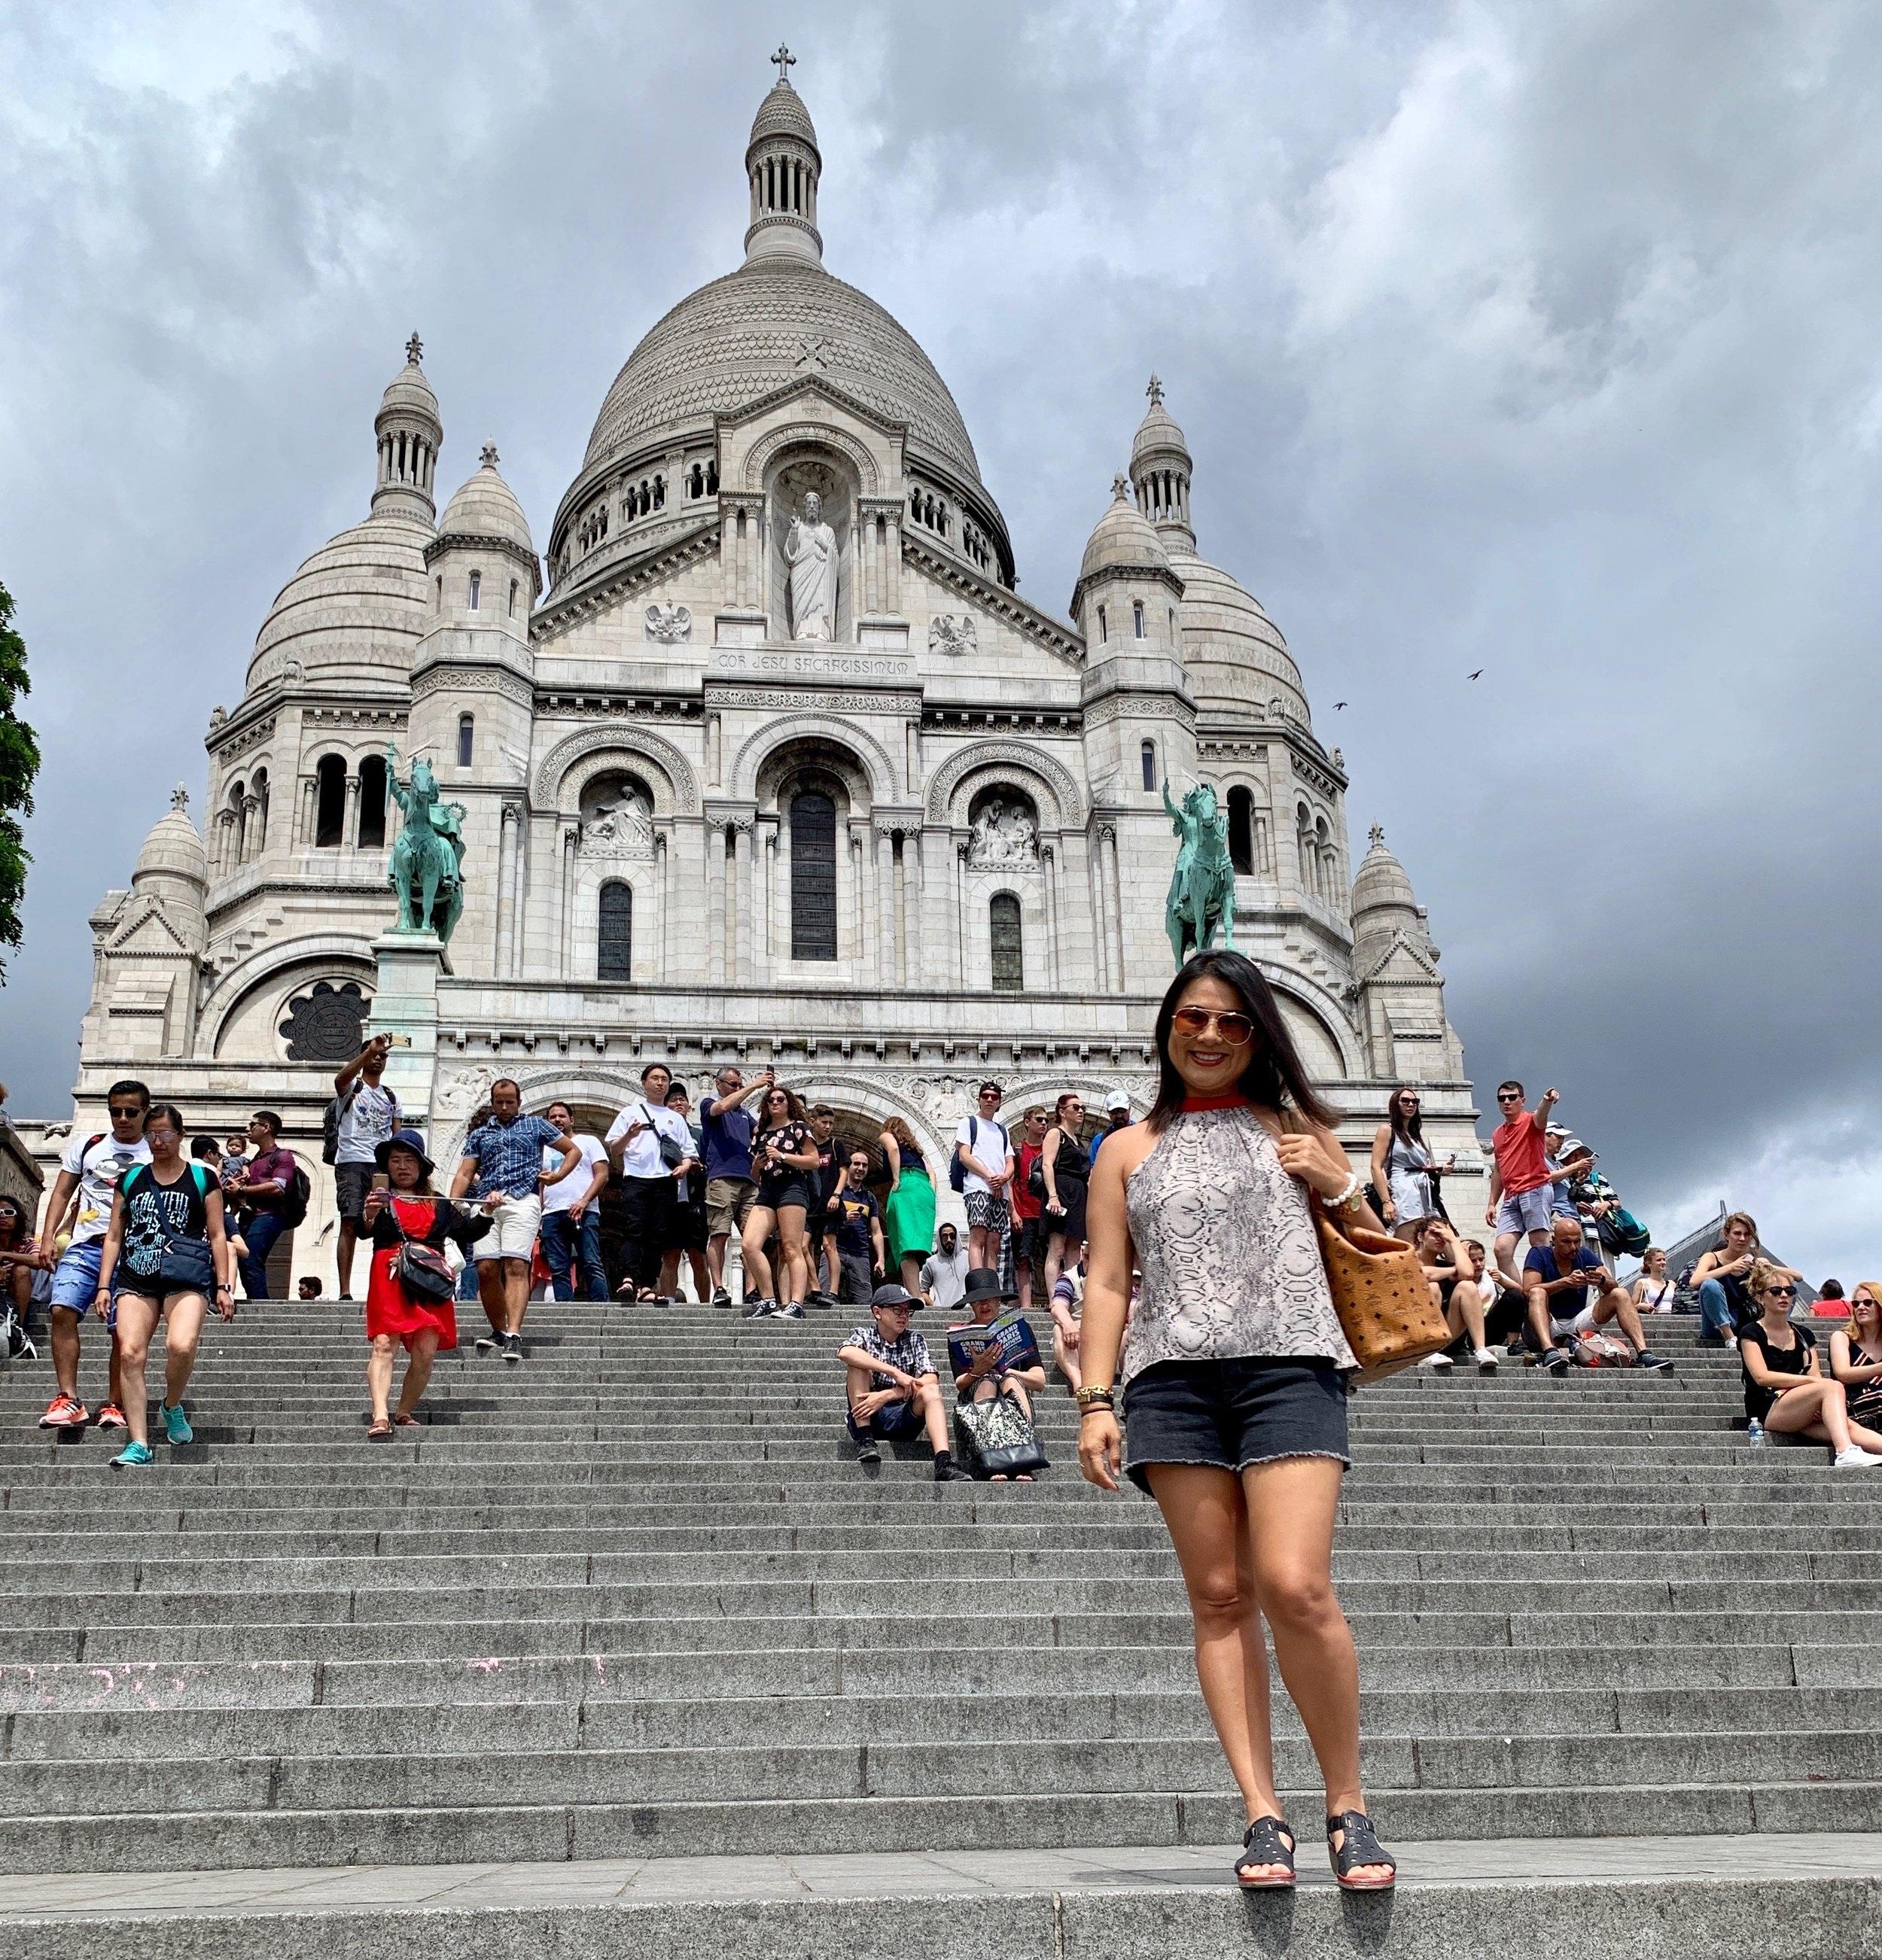 In front of Sacré-Cœur